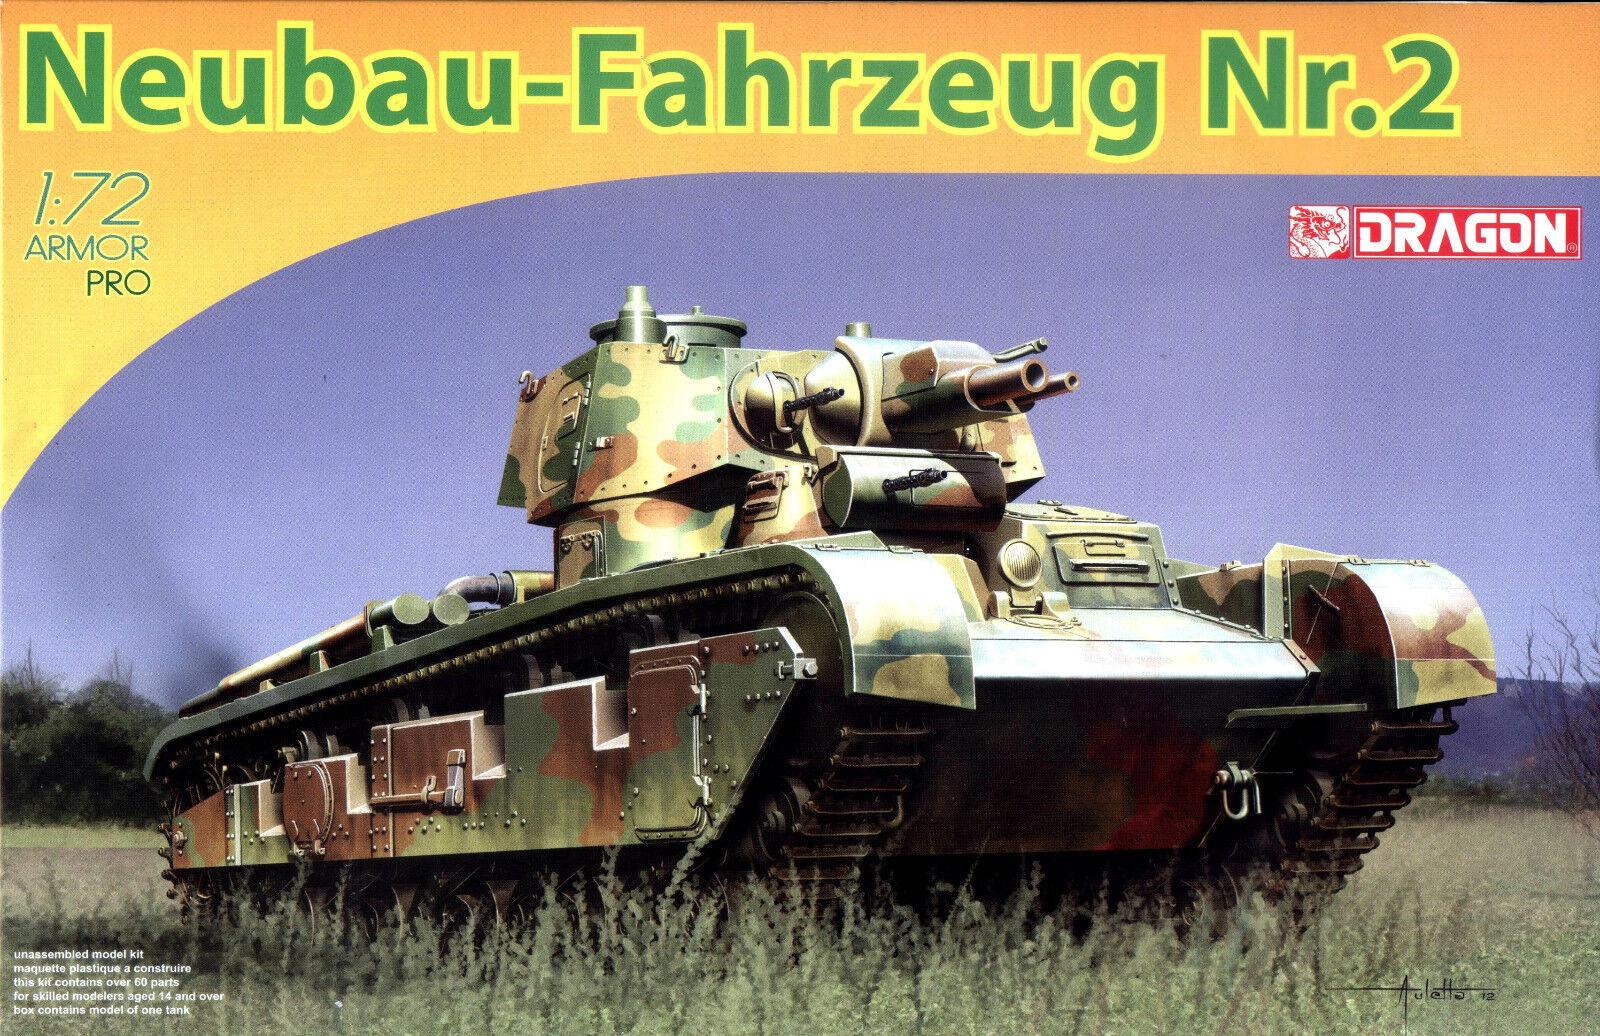 Dragon 1 72 7437 WWII German Neubau-Fahrzeug Nr.2 Multi-Turreted Heavy Tank